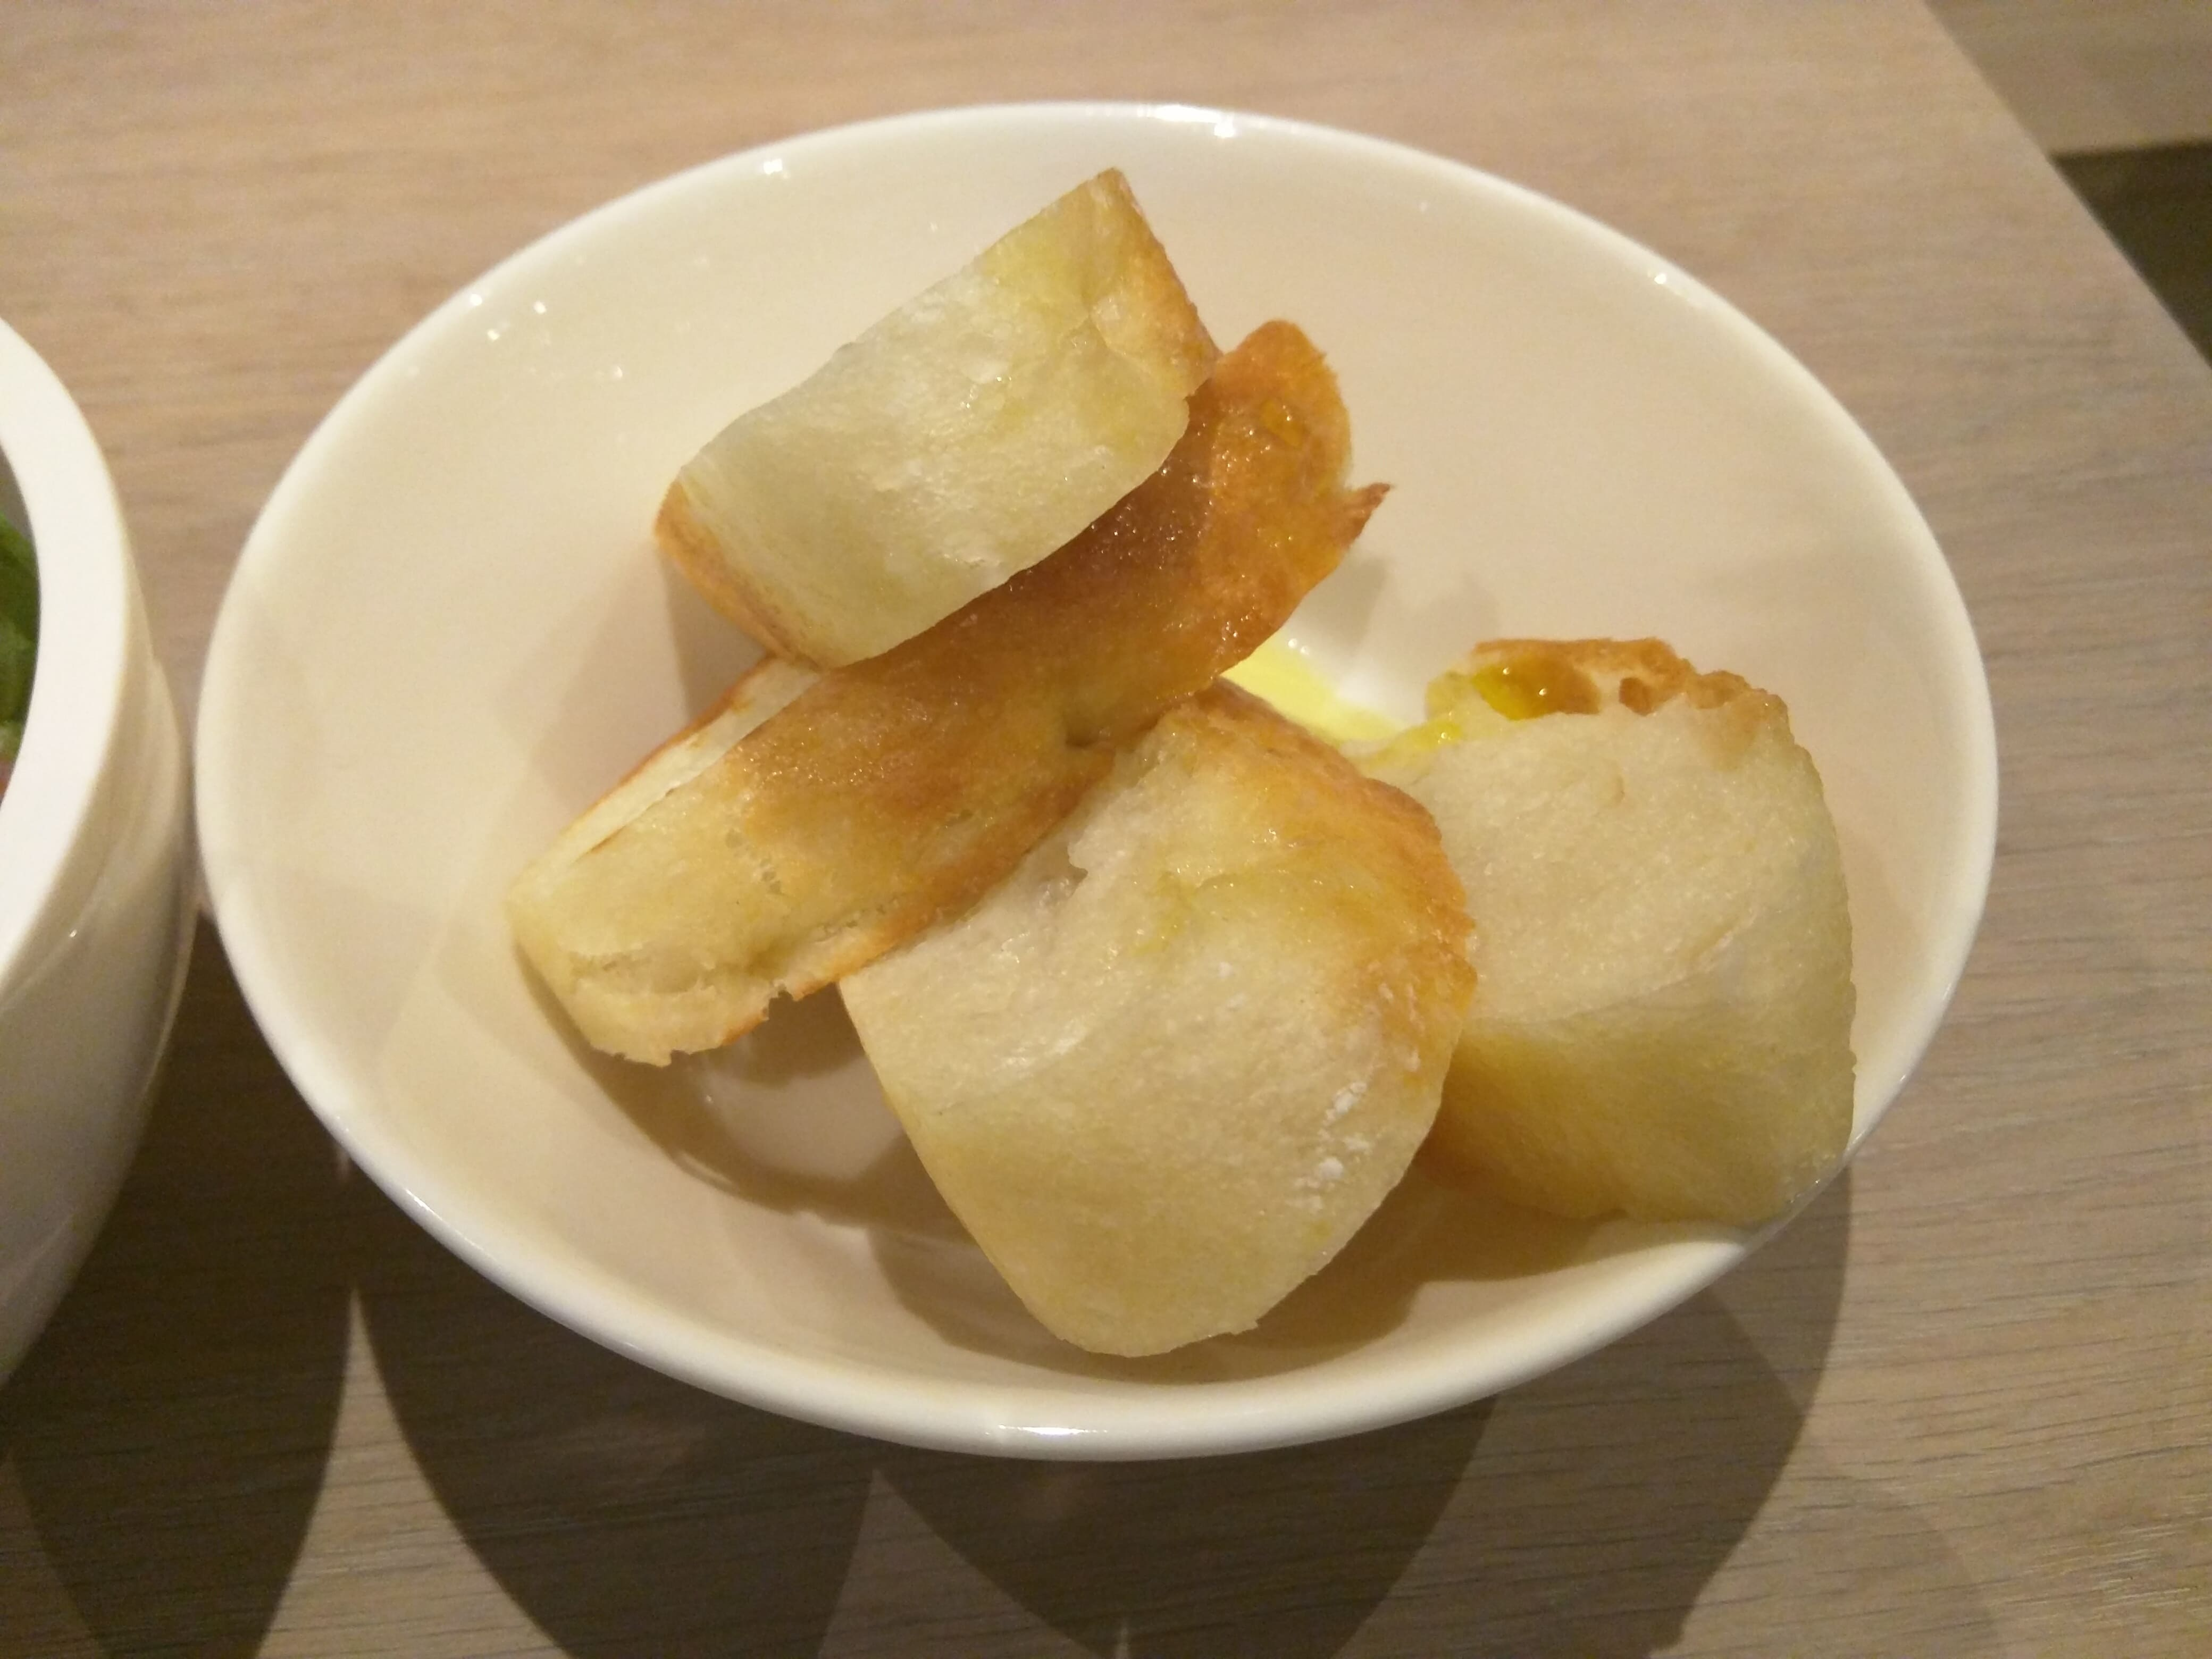 野菜中心のオーガニックな女子力高いオシャレイタリアン ~ 小石川 SIMPLE LITTLE CUCINA (シンプル・リトルクチーナ)